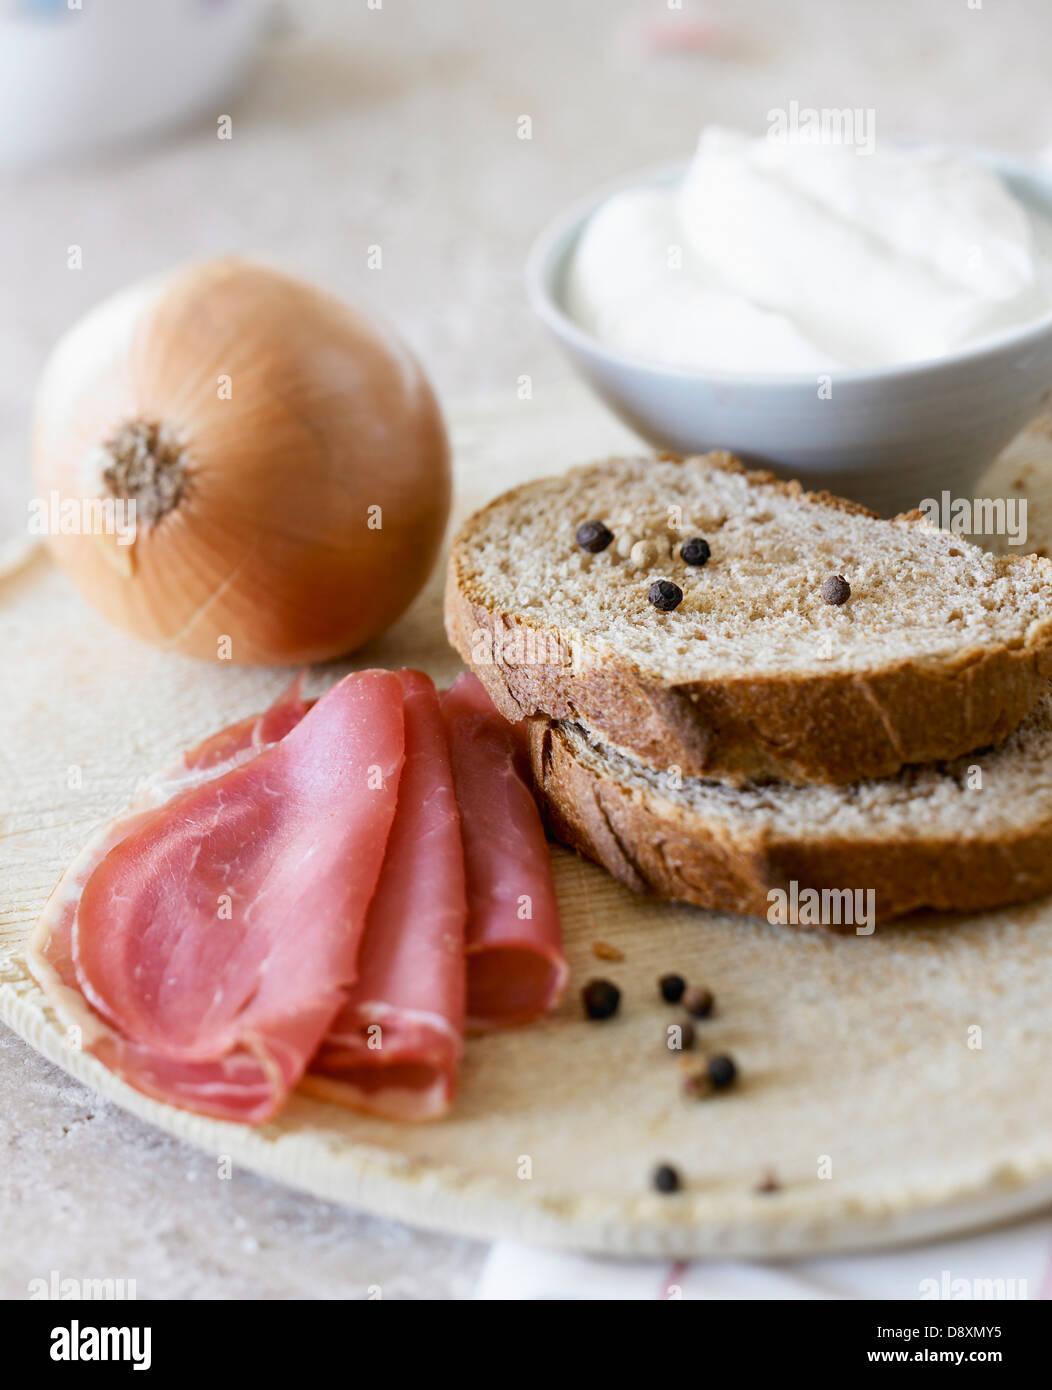 Ingrédients pour une tarte alsacienne Photo Stock